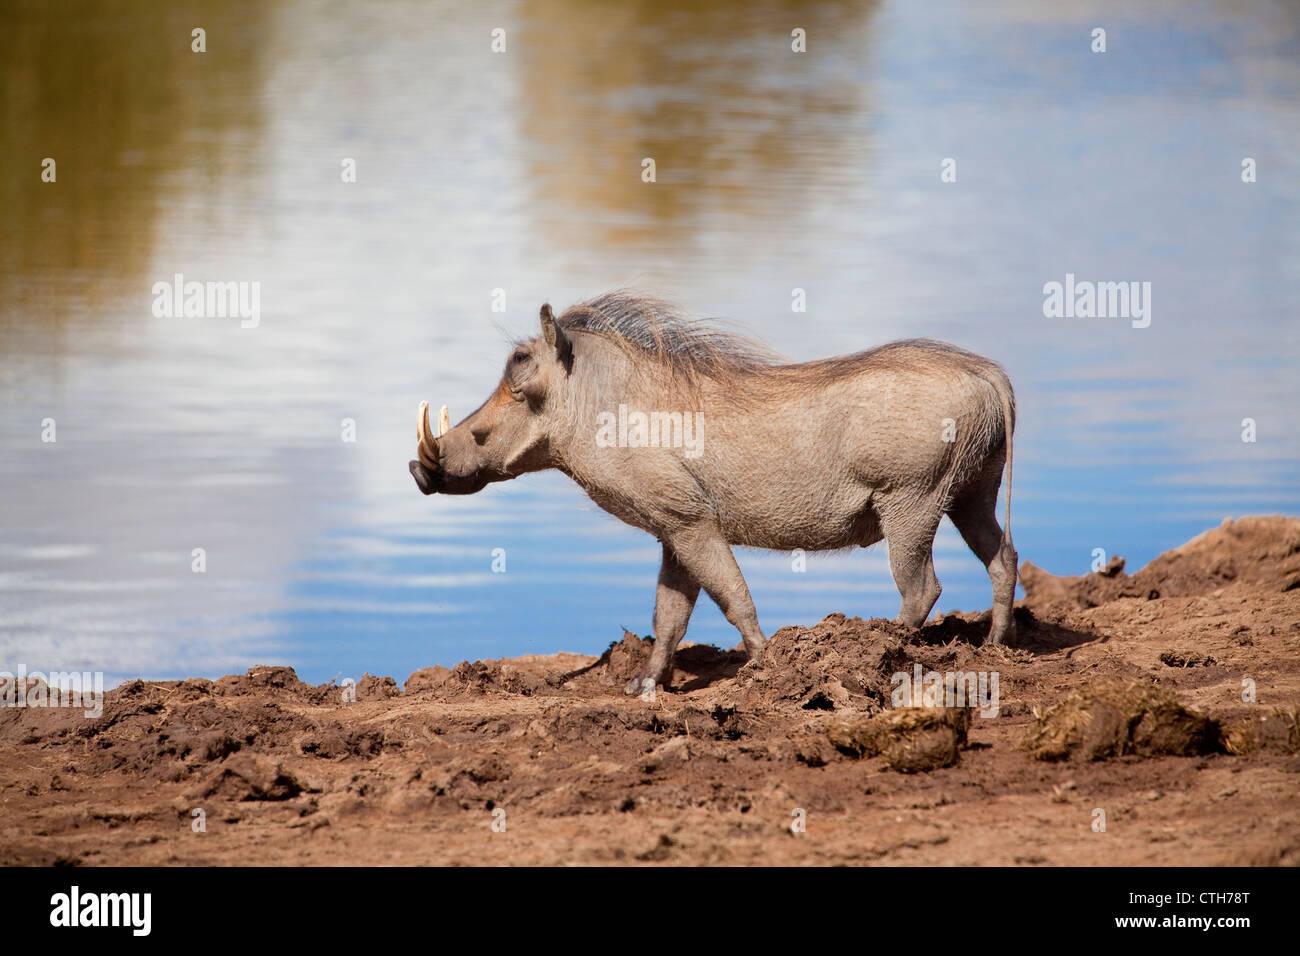 Warzenschwein im Addo Elephantpark, Südafrika - Stock Image